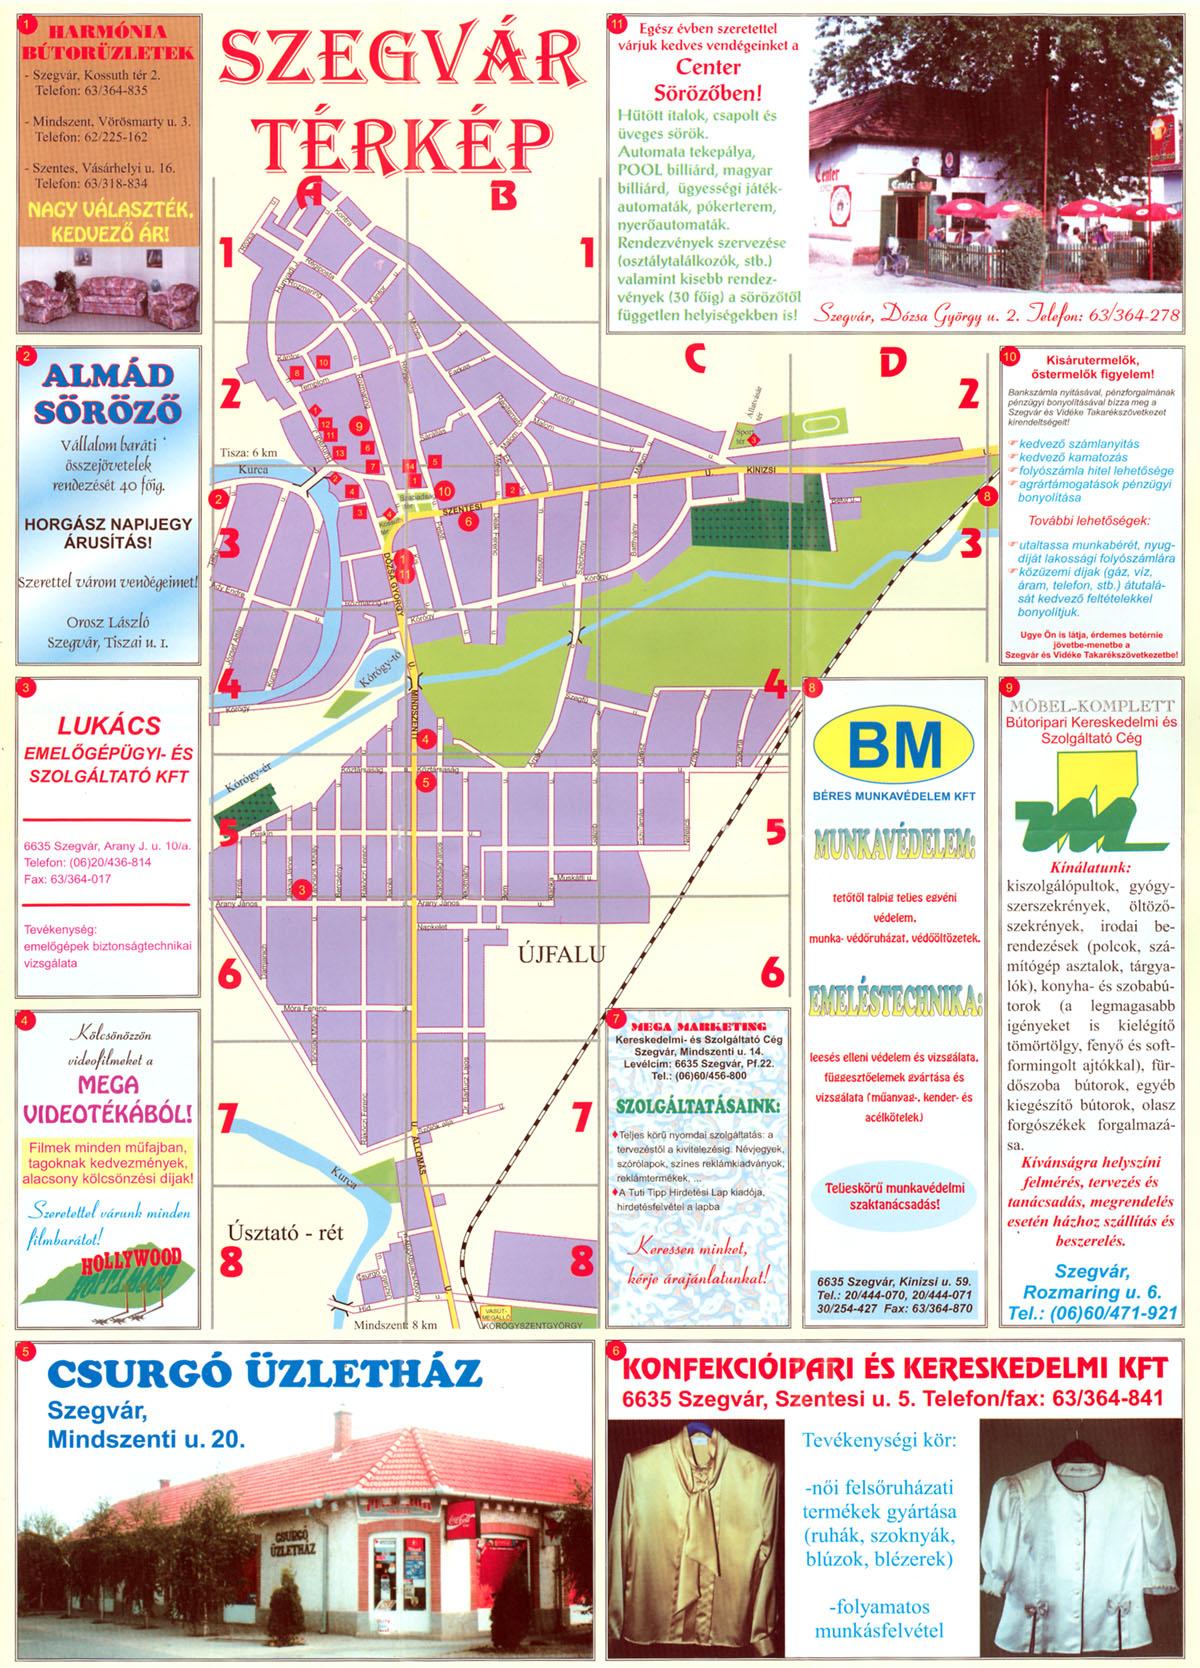 51-SzegvarTerkep1997-2.oldal